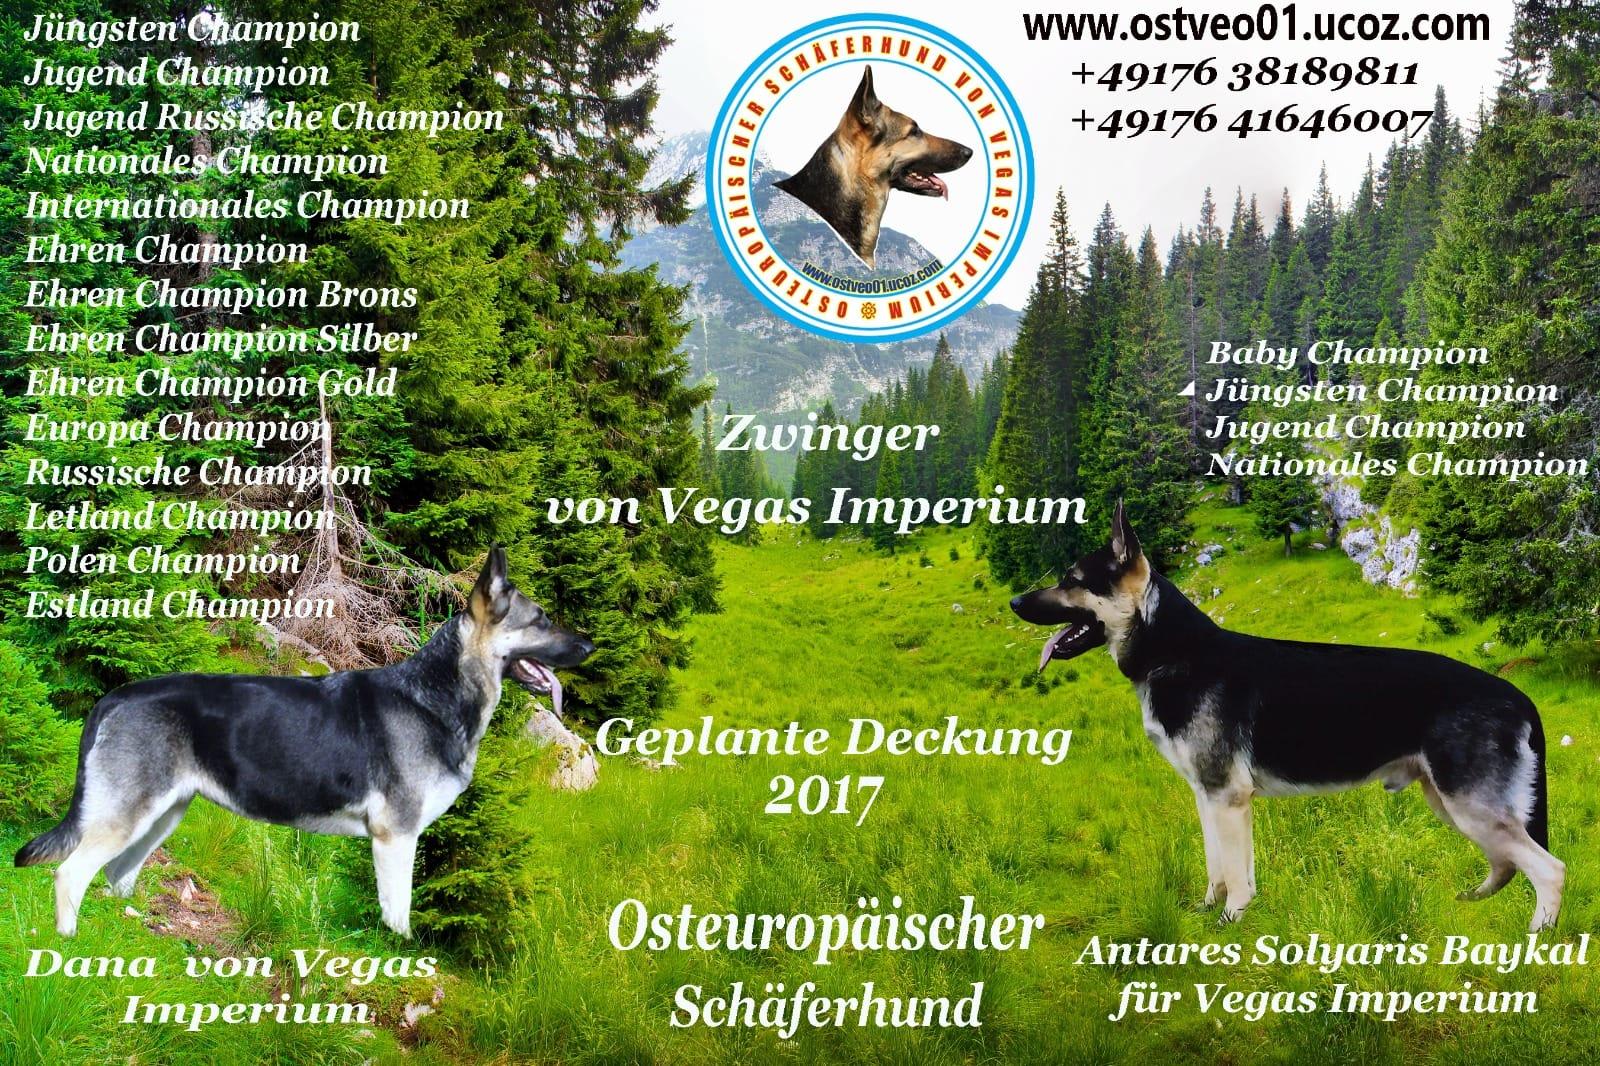 Tierheim nrw deutscher schaferhund